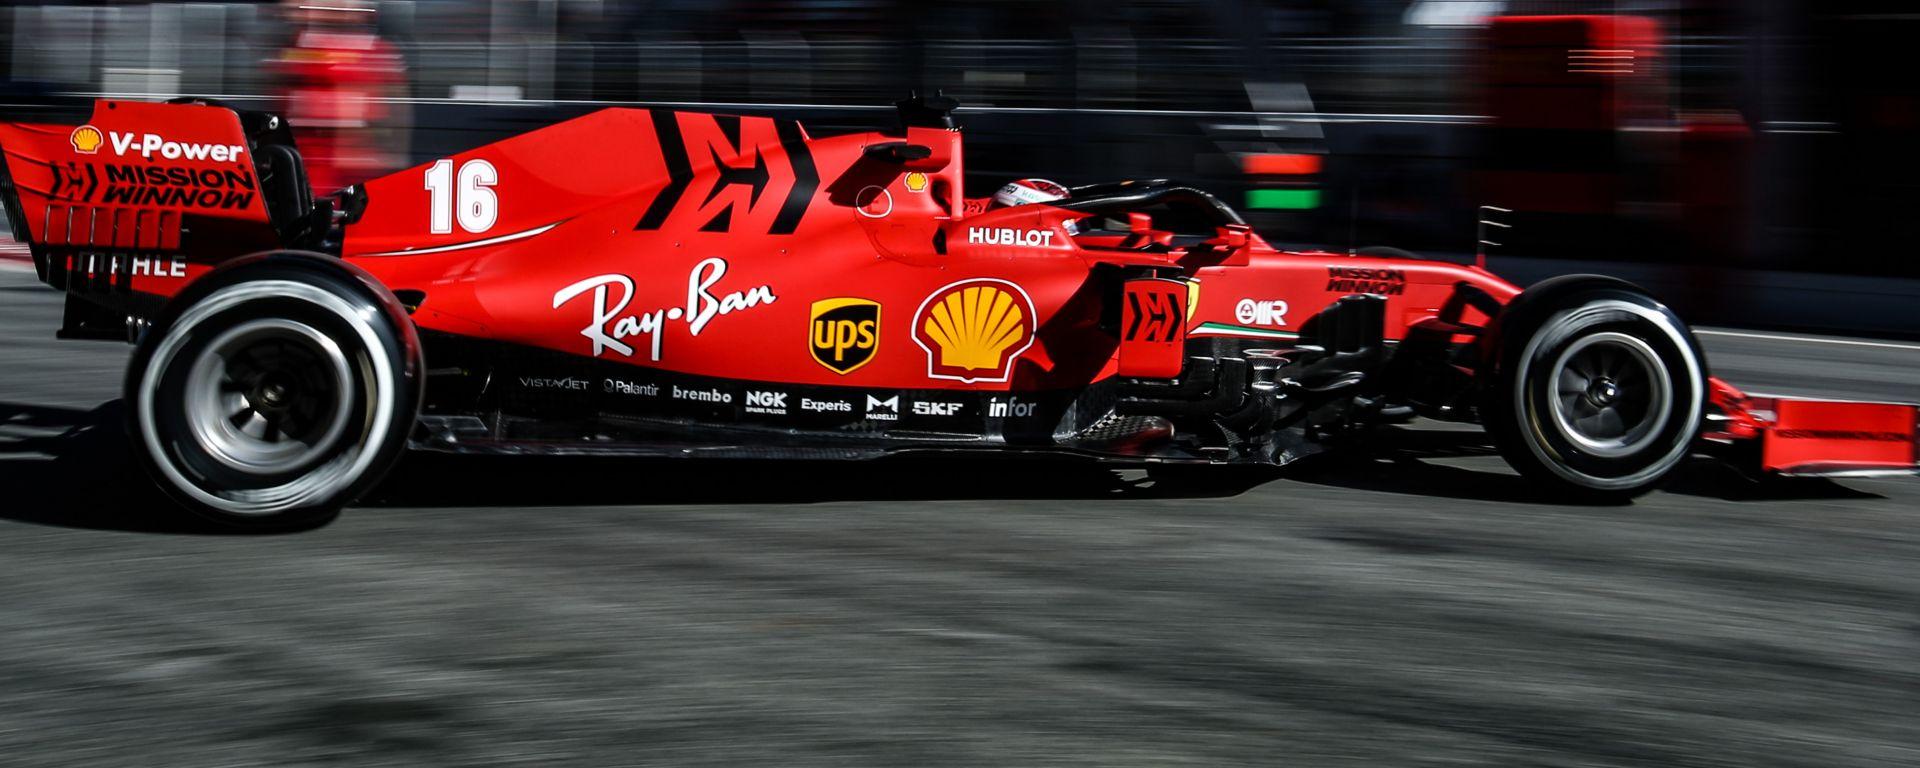 F1 Test Barcellona 2020, la Ferrari SF1000 di Charles Leclerc